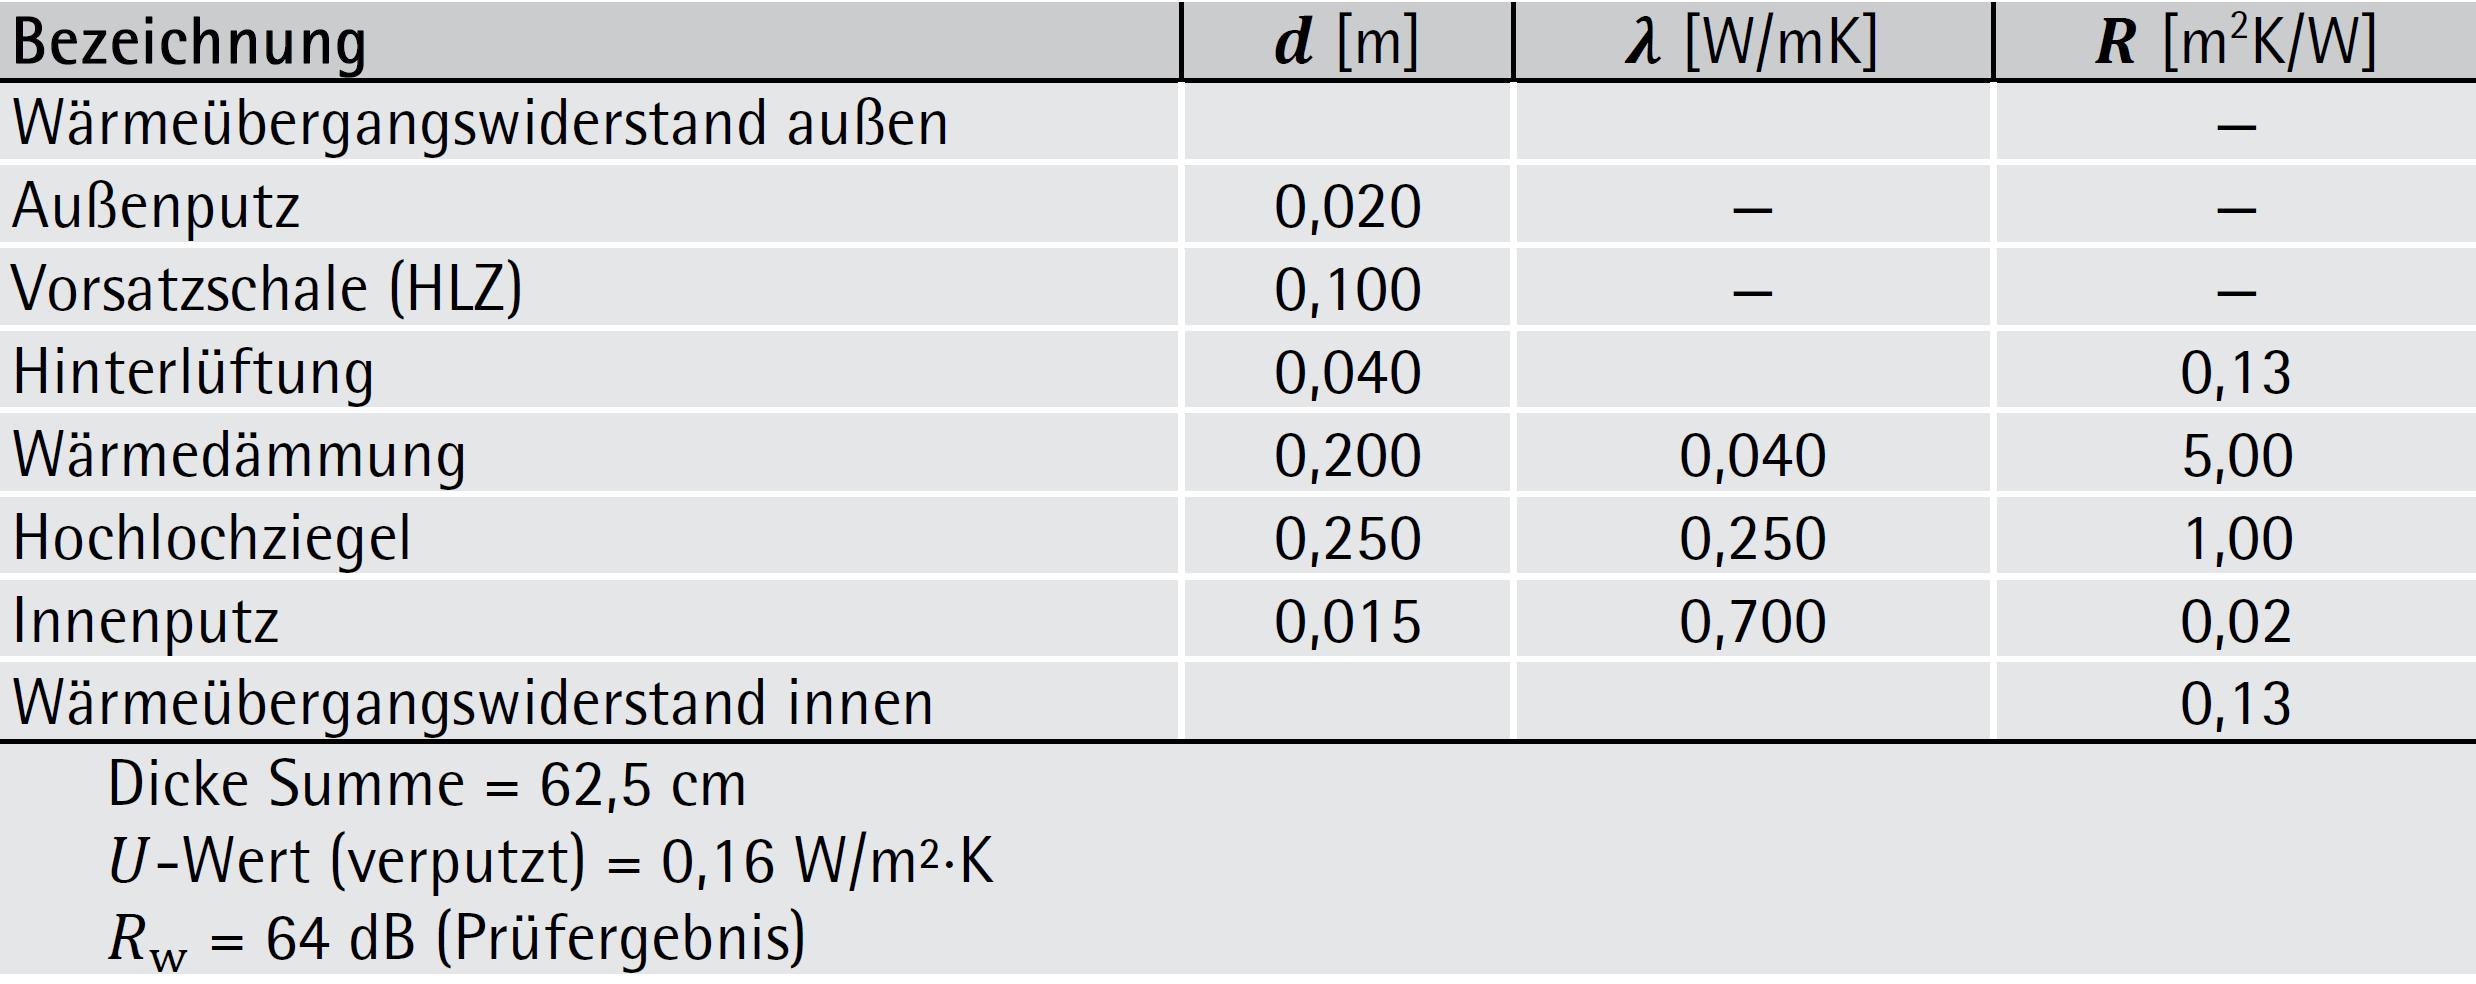 Ziegel-Zweischalenwand mit Luftschicht und Wärmedämmung